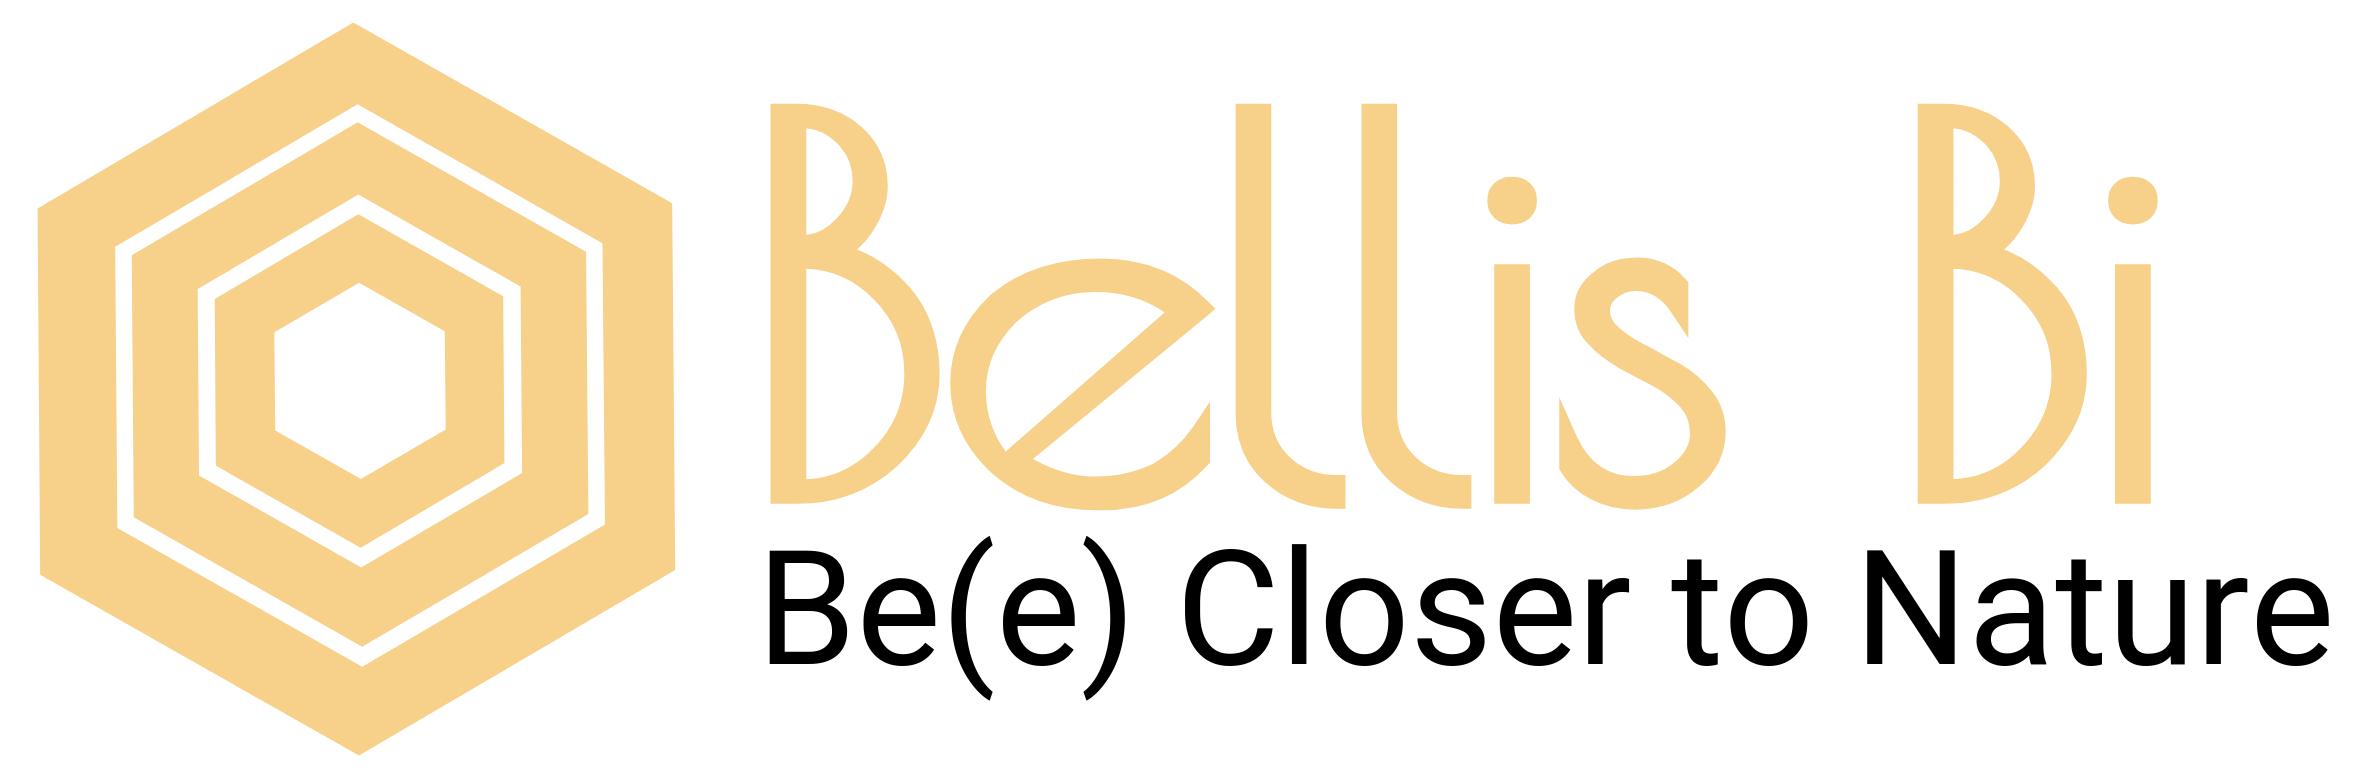 Bellis Bi